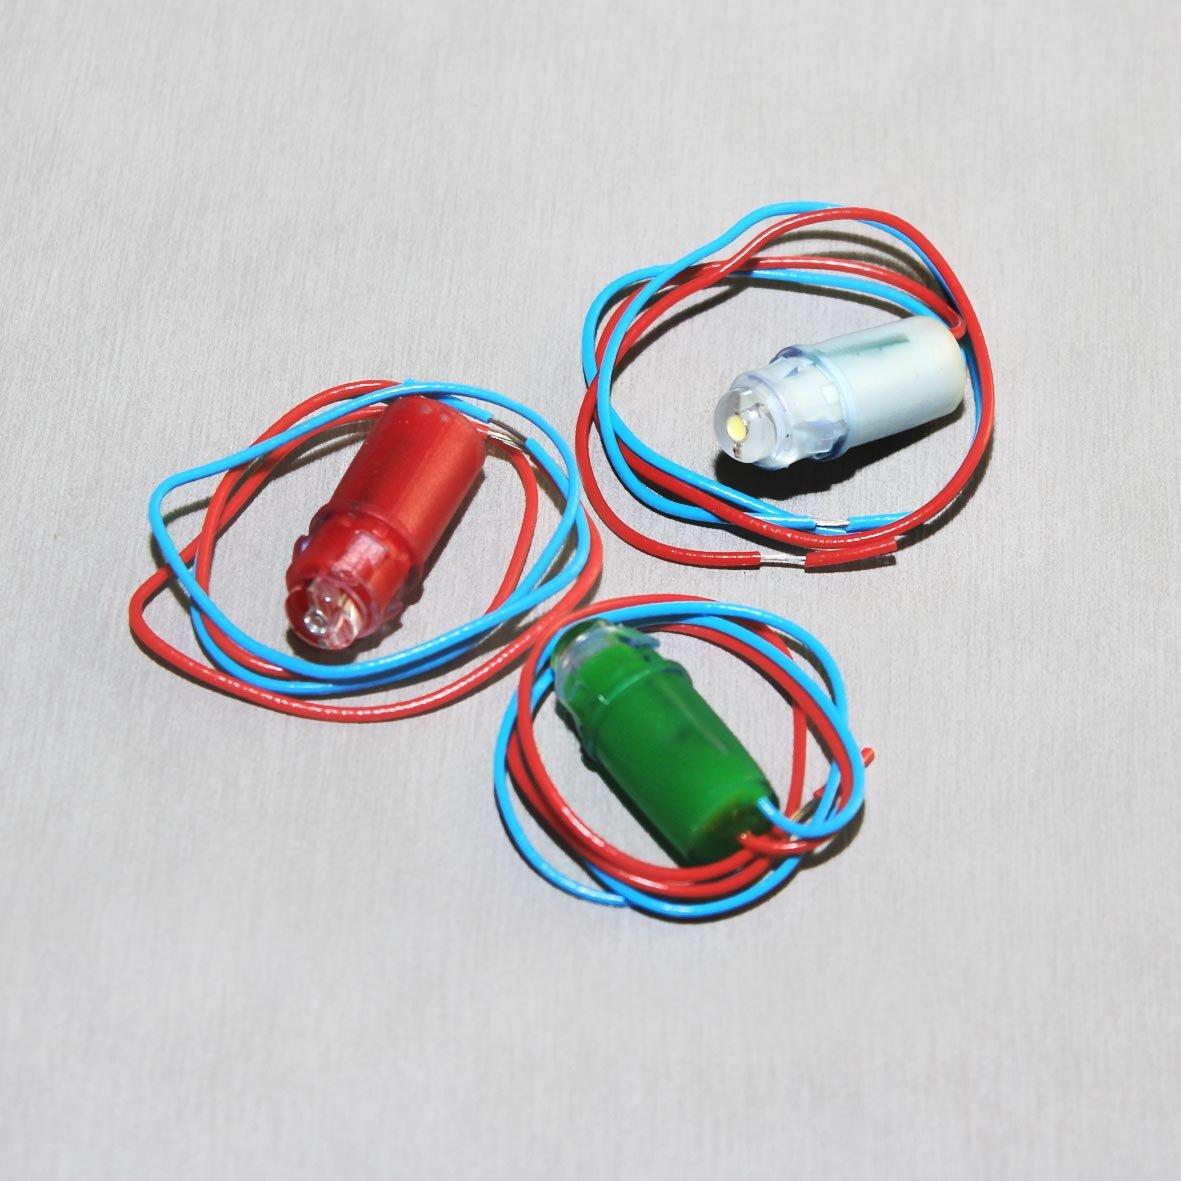 Микростробы 12В красный, белый, зеленый